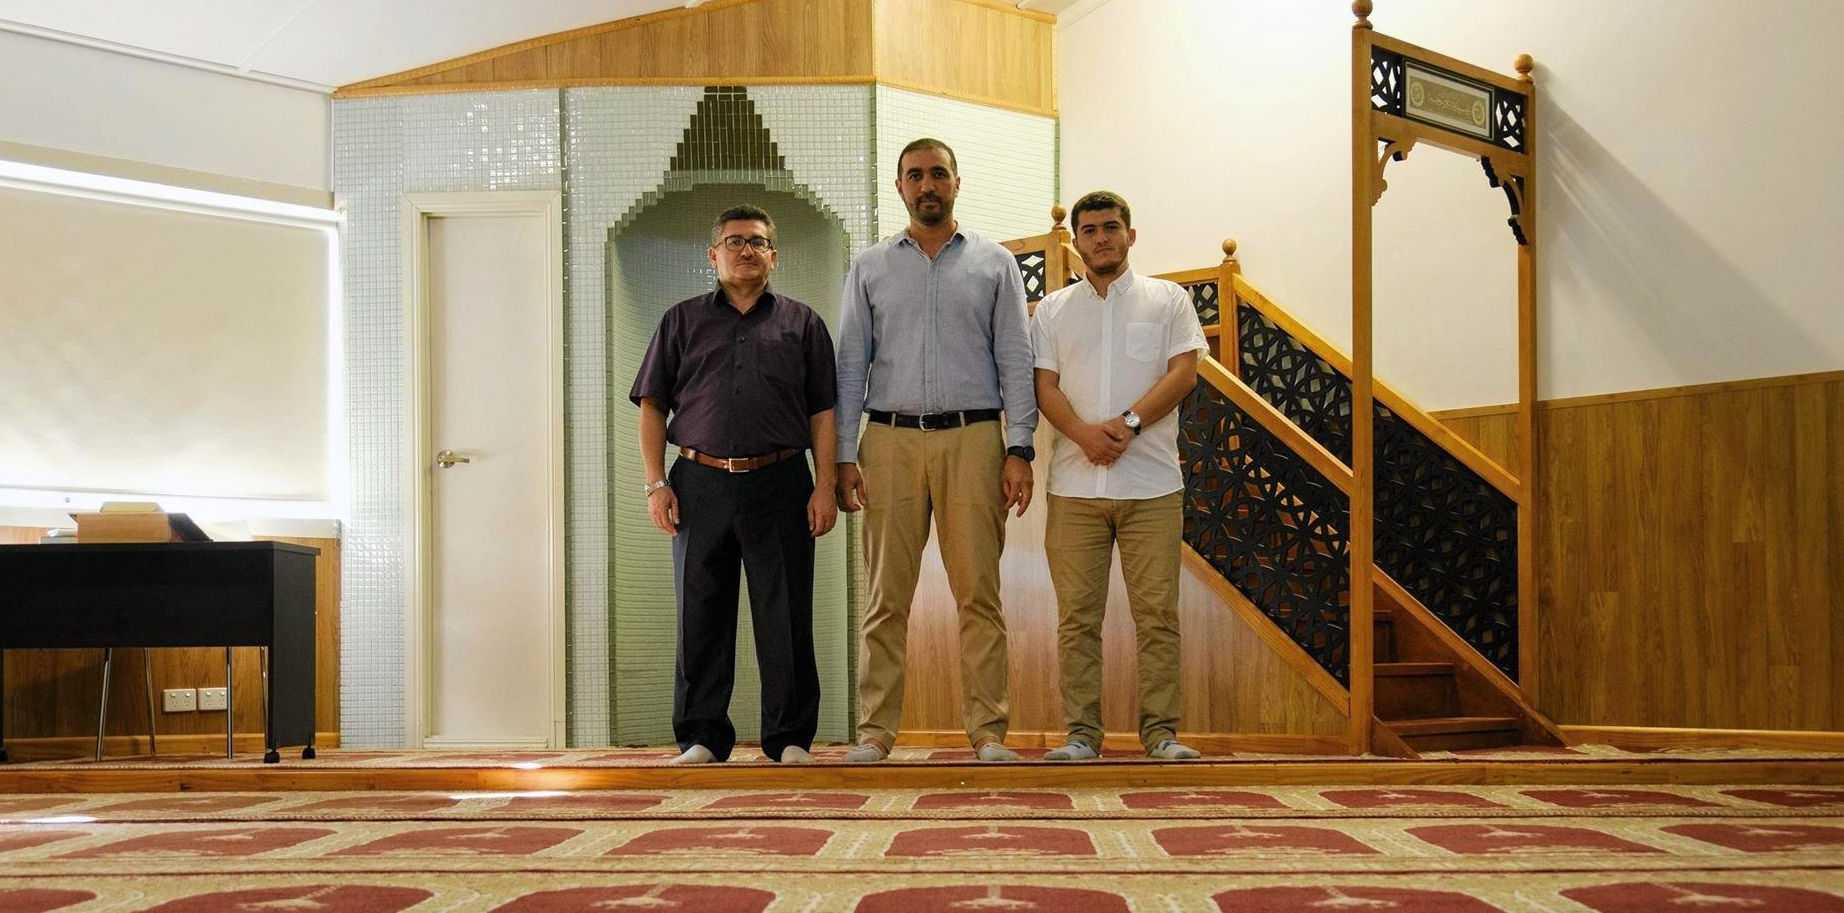 Imam Ali Yildirim, Yumit Dogan and Muhammed Yildirim.